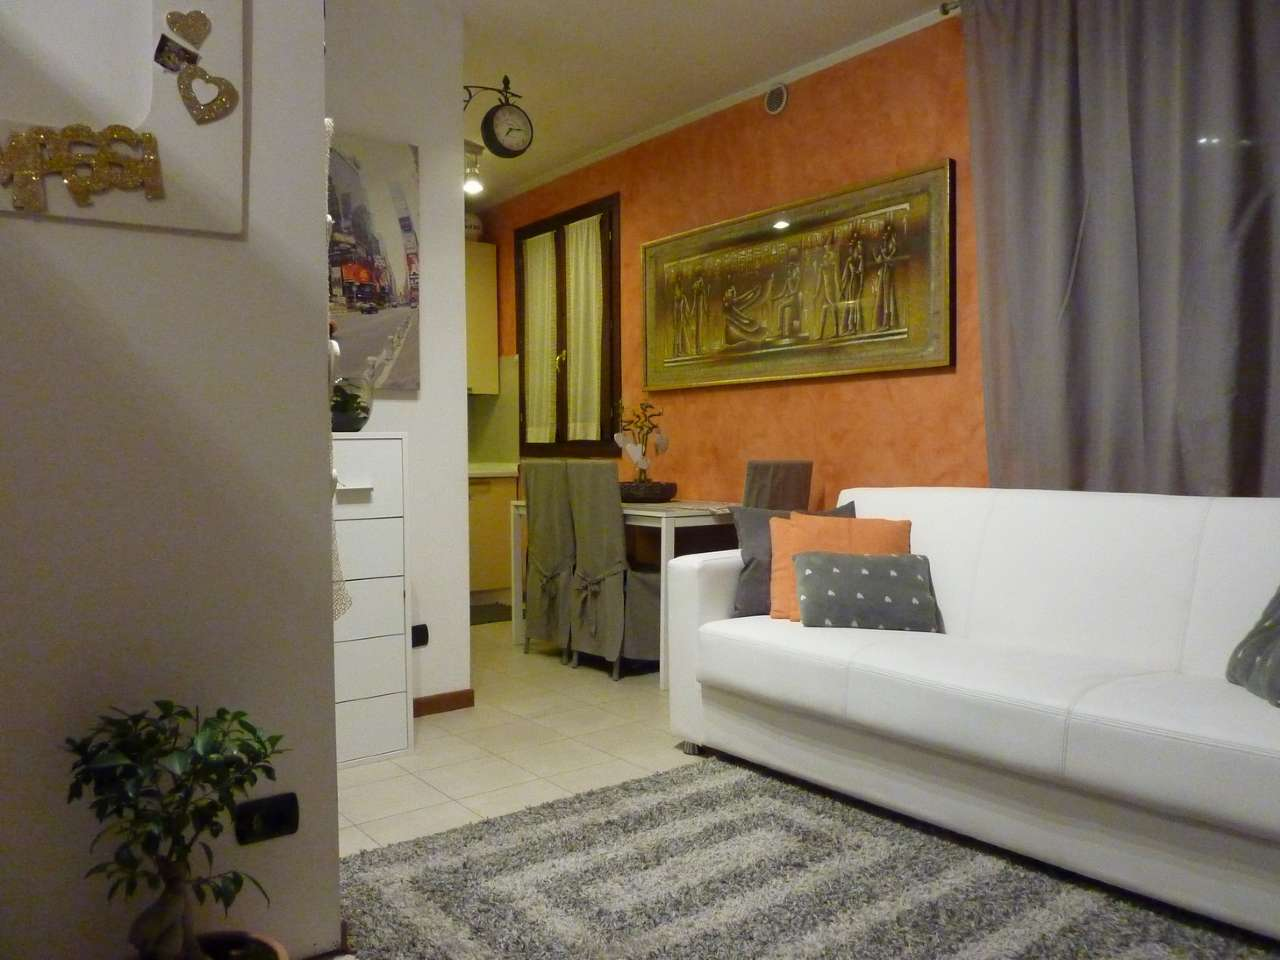 Appartamento in vendita a Carbonera, 2 locali, prezzo € 75.000 | Cambio Casa.it